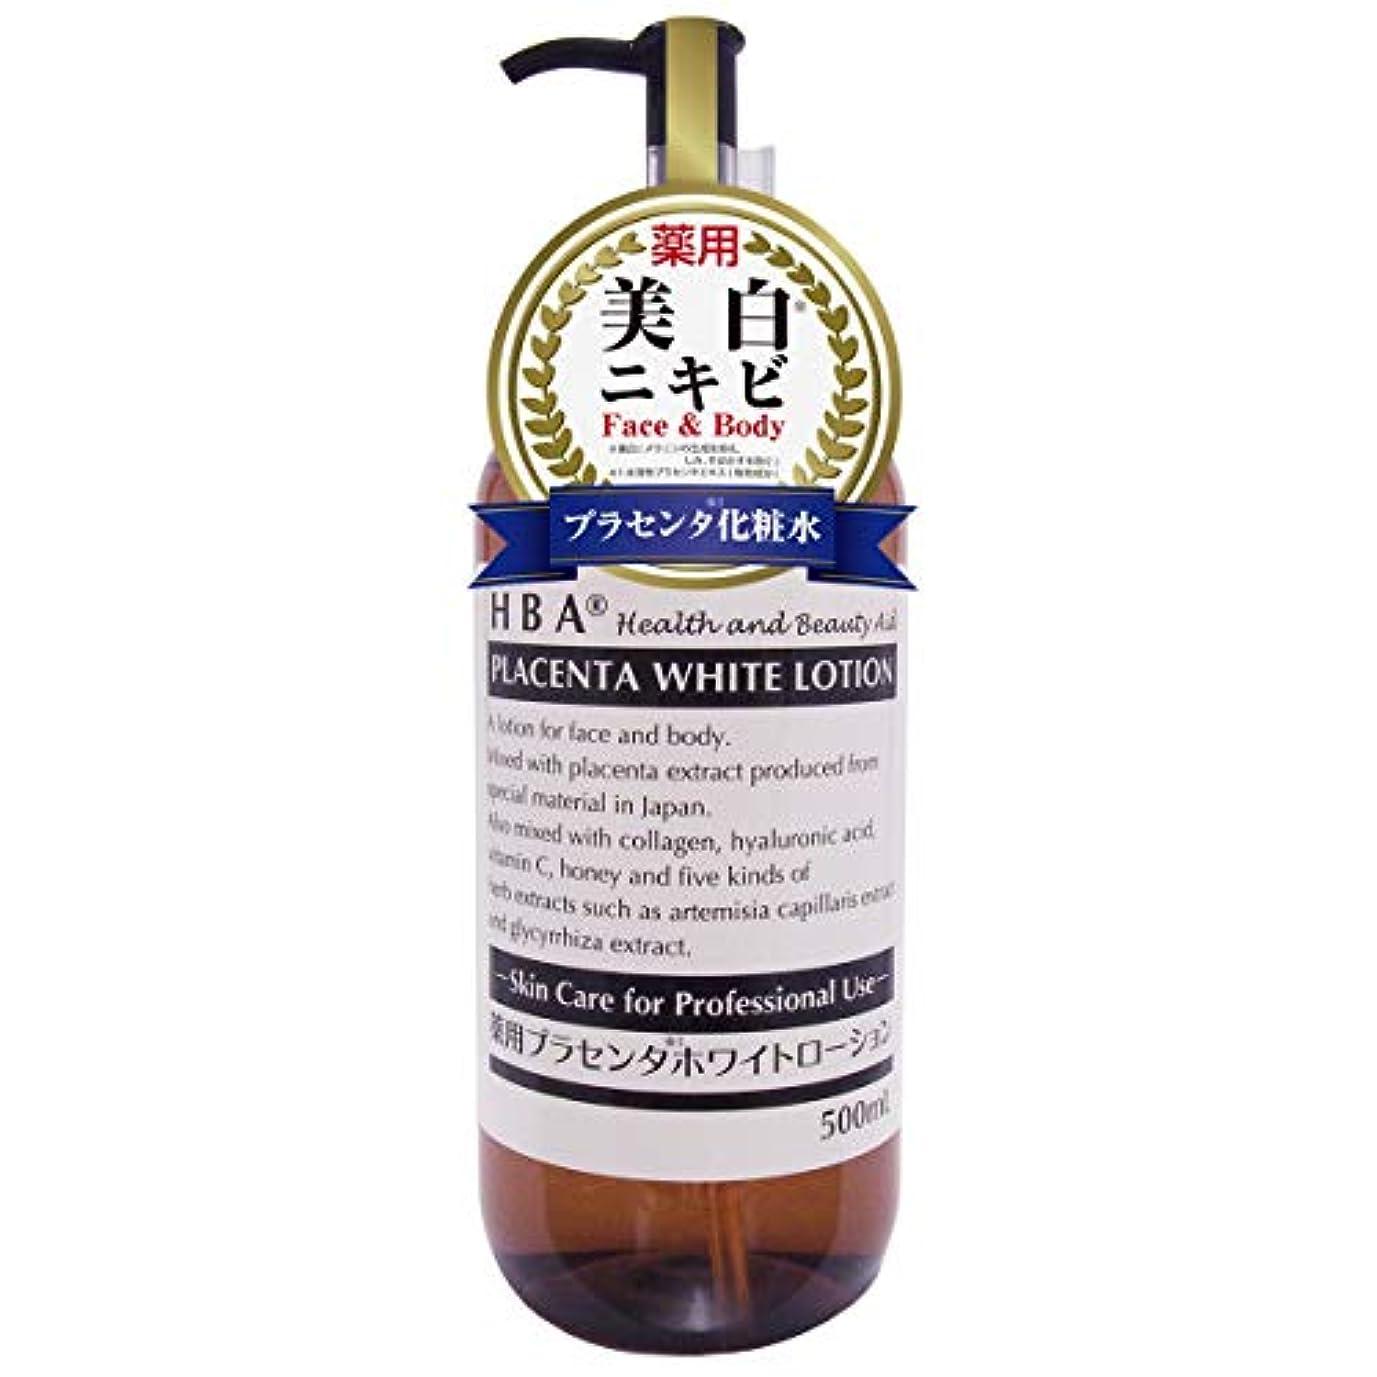 抱擁心理的にディベートHBA 薬用プラセンタ ホワイトローション (500mL)